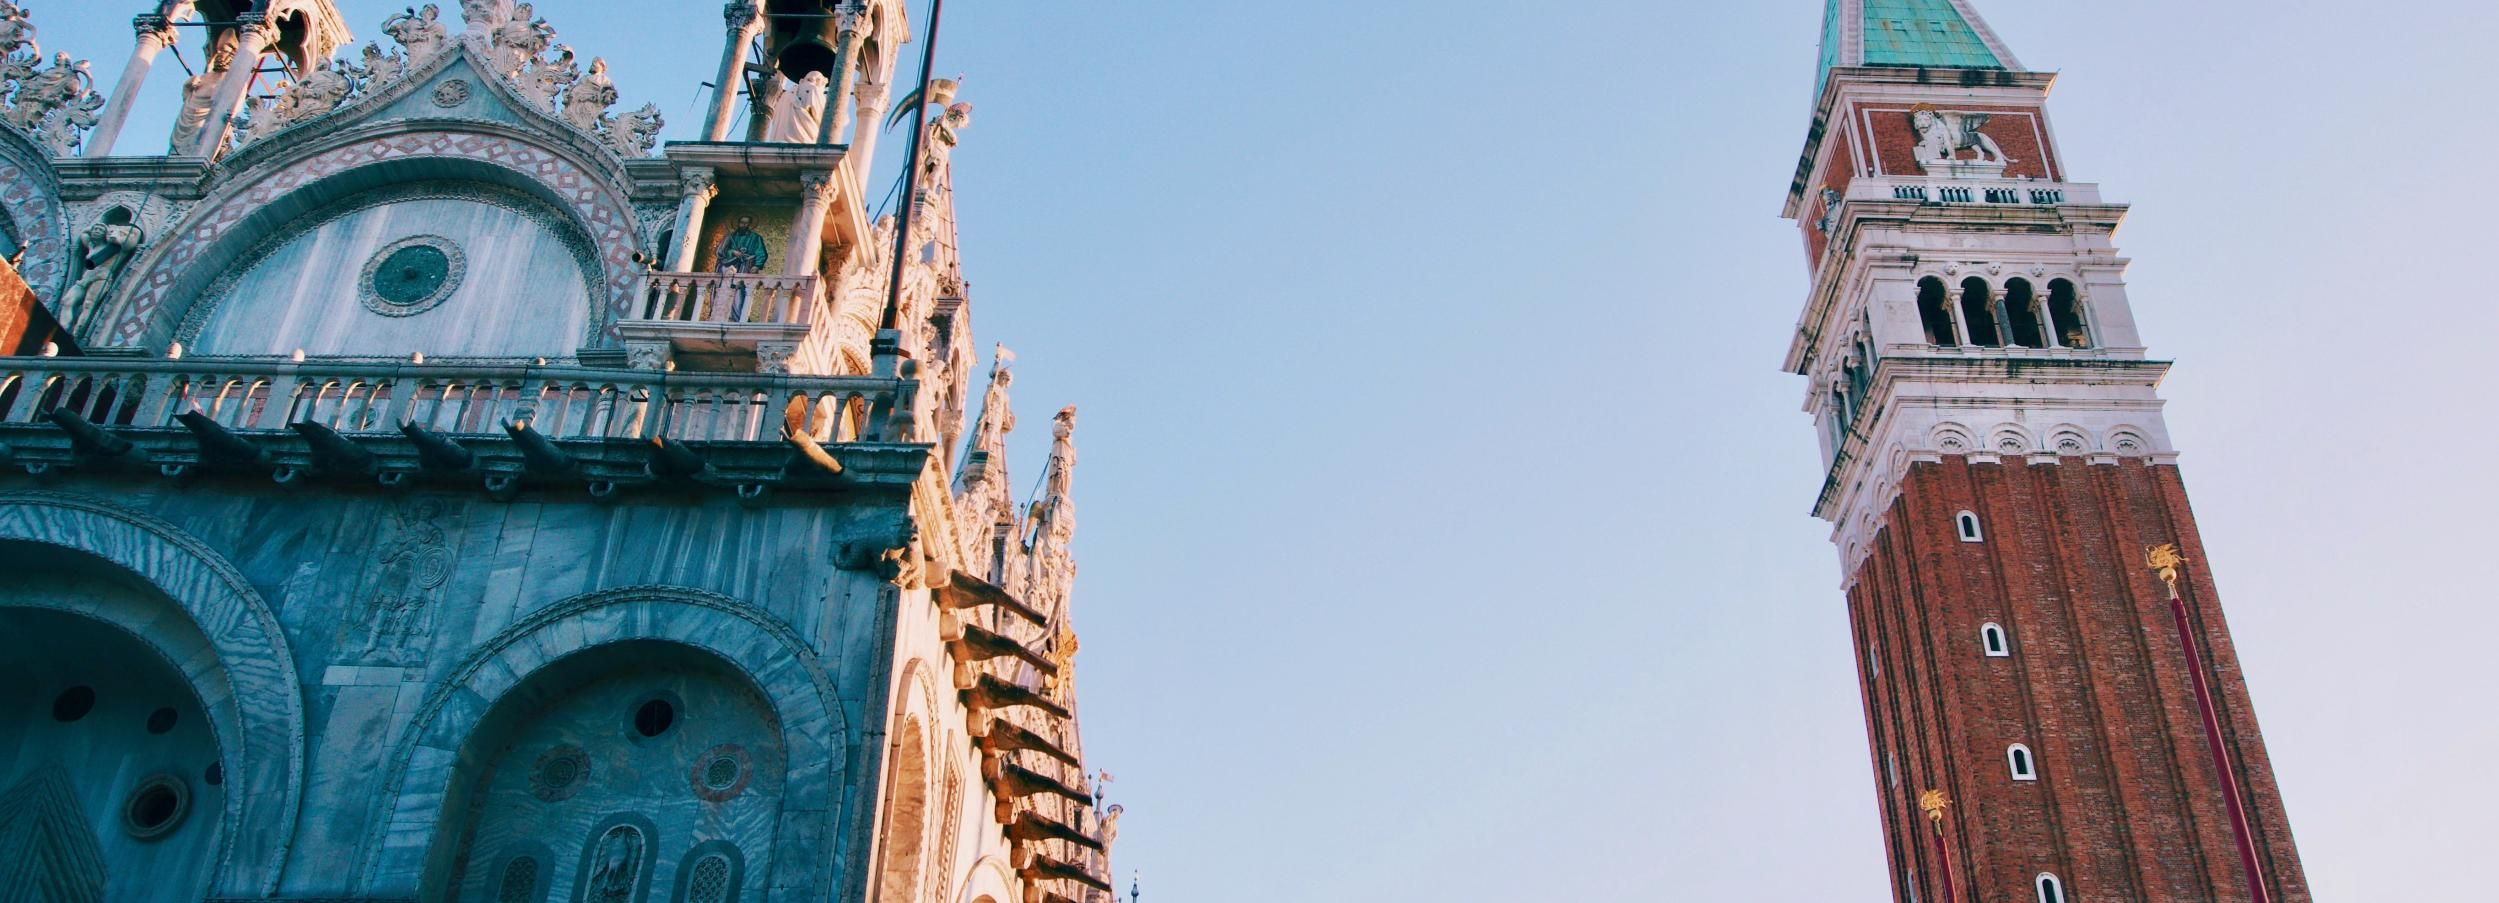 Венеция: тур по дворцу дожей и базилике без очереди